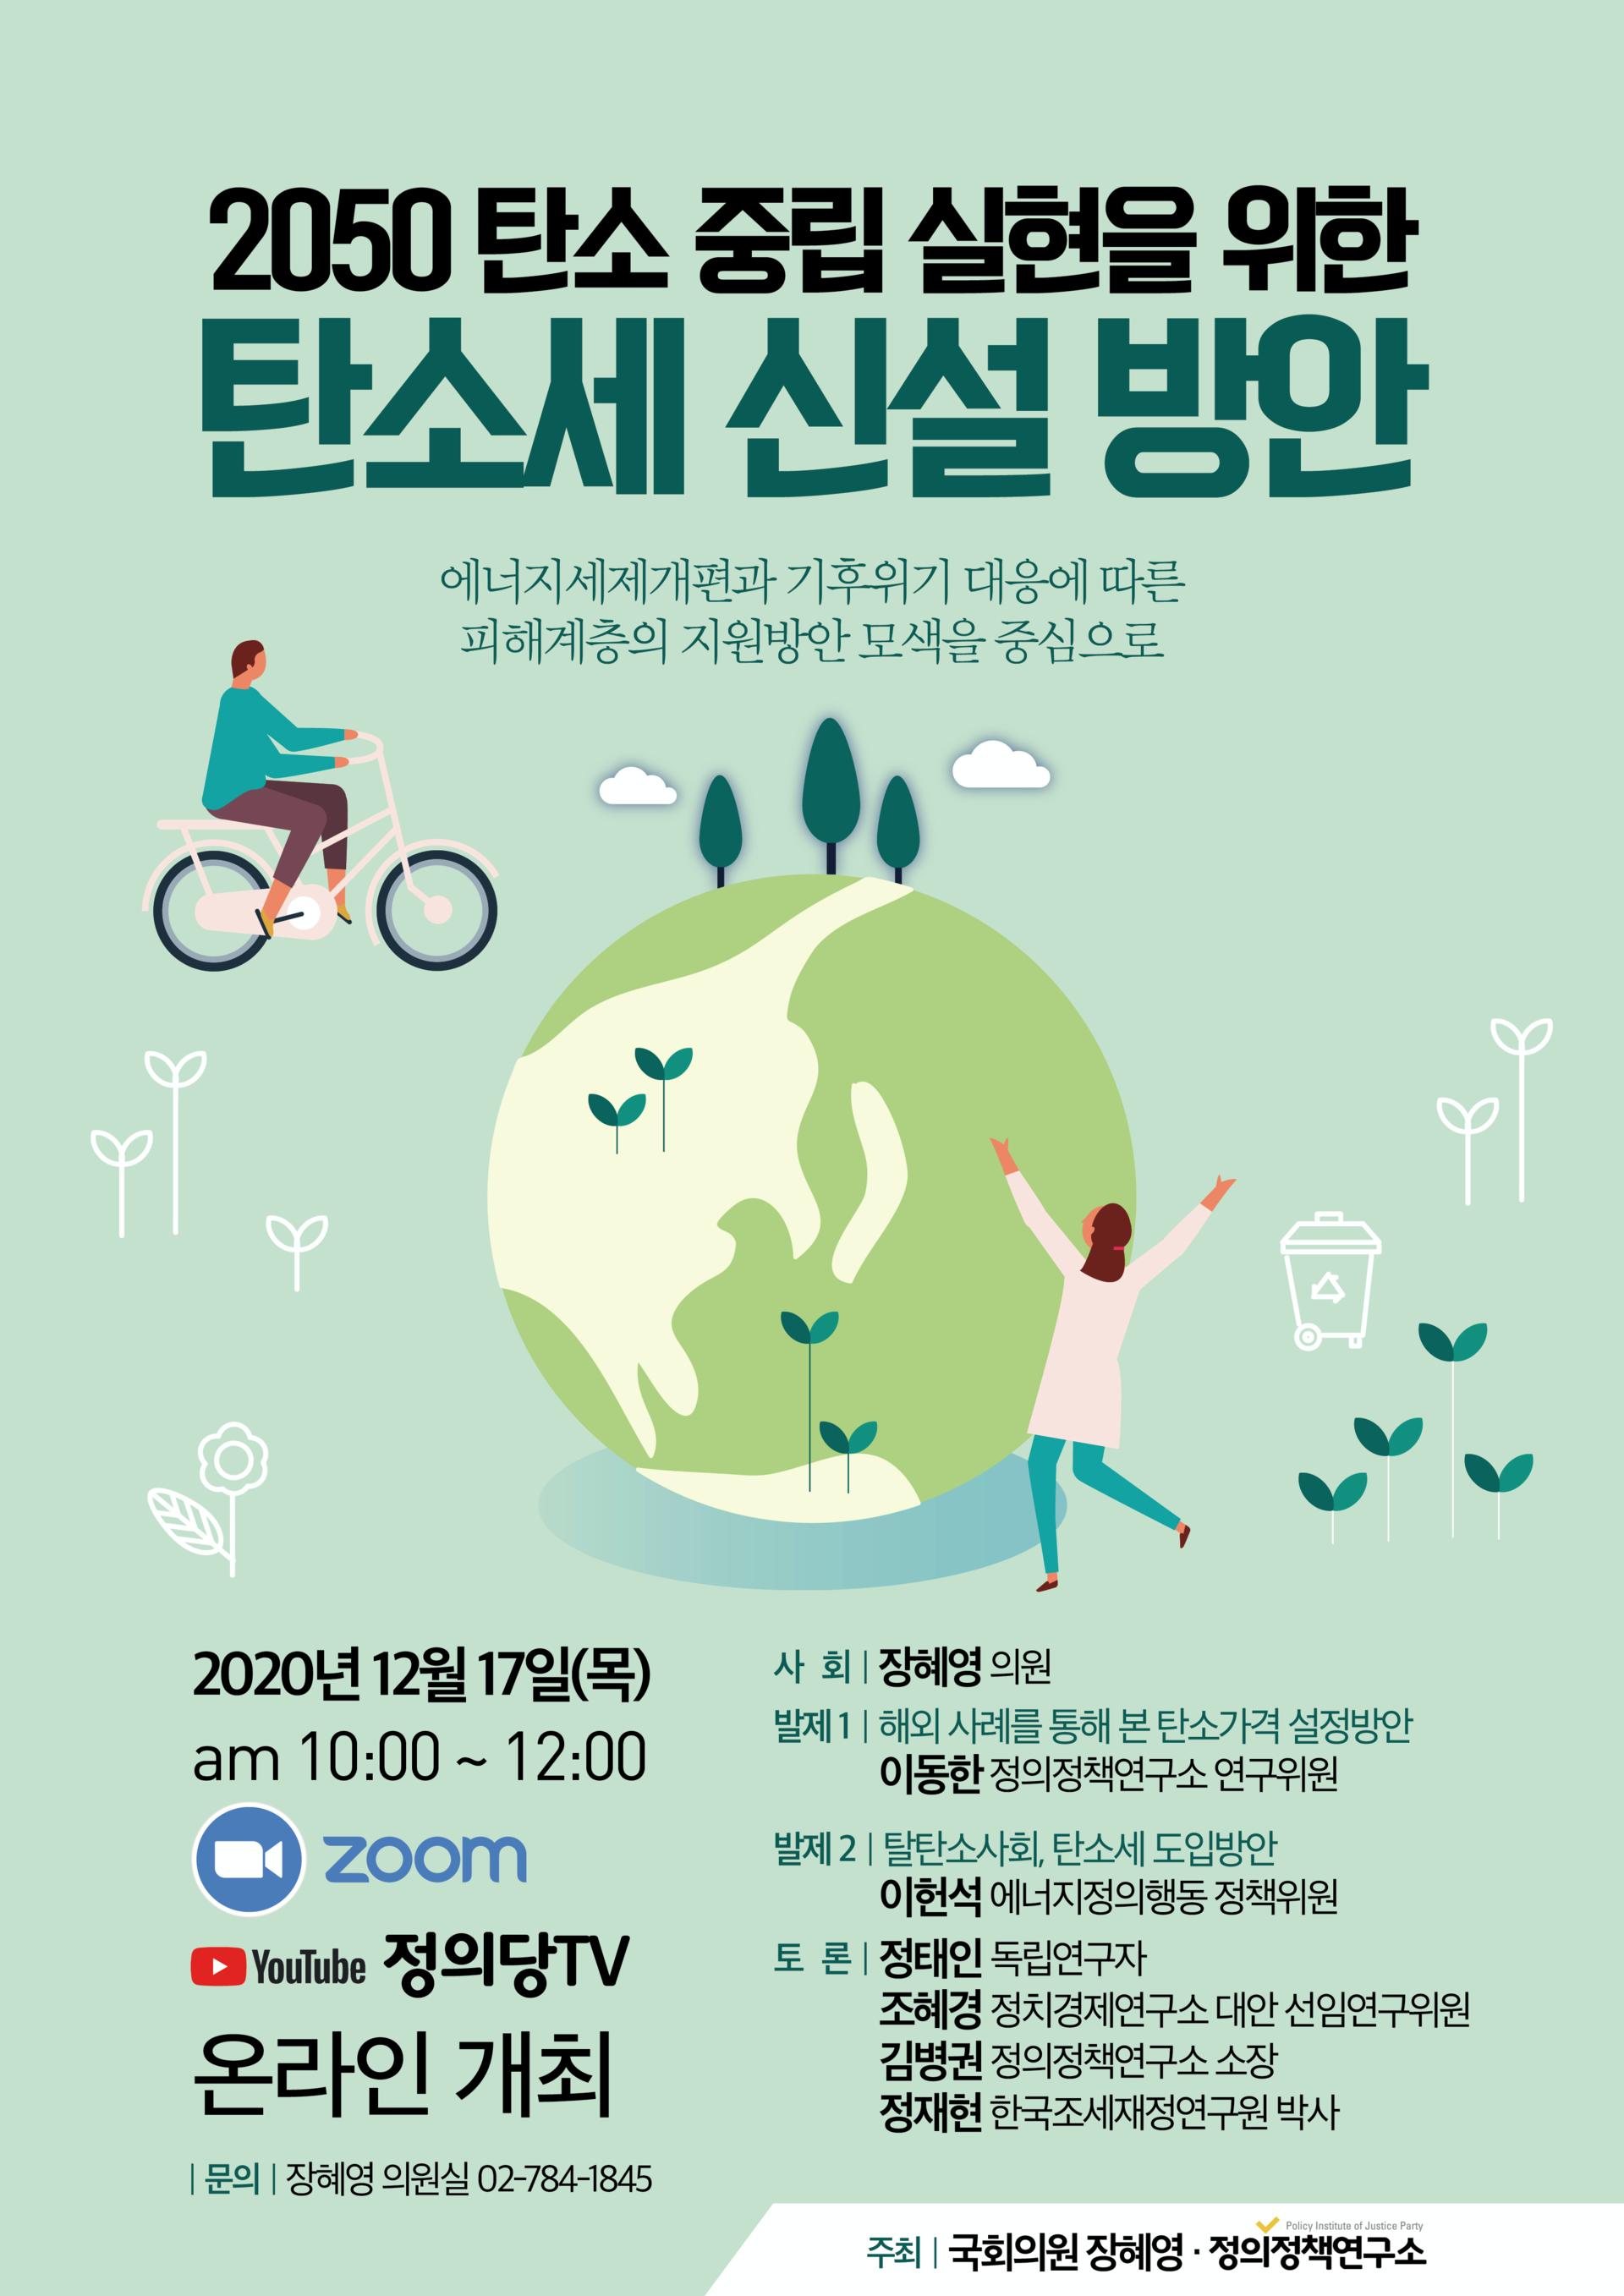 2020 탄소 중립 실현을 위한 탄소세 신설 방안 토론회 포스터 입니다.